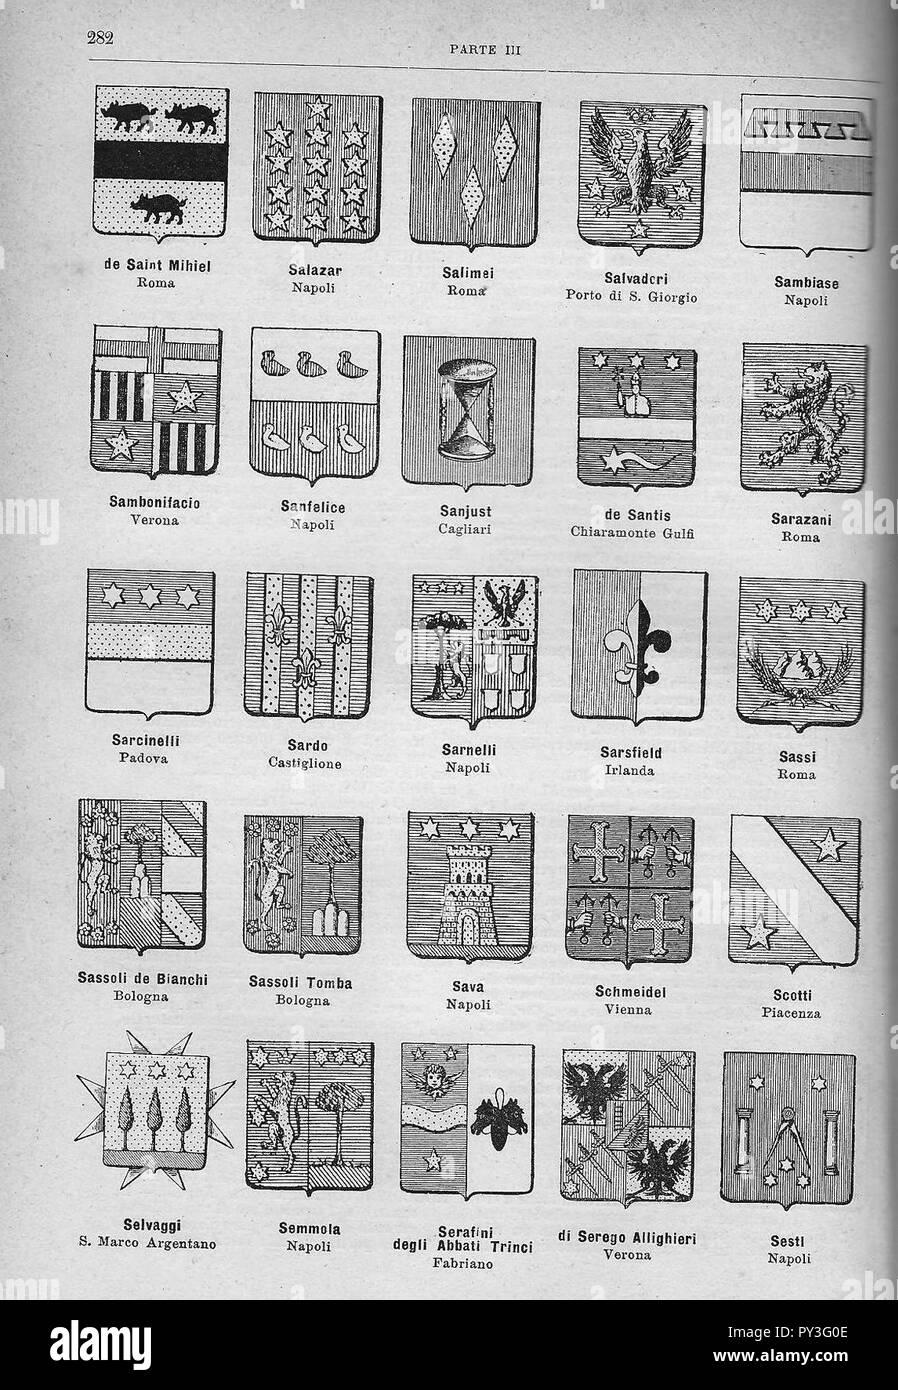 Calendario 1900.Calendario D Oro 1900 Pagina 282 Stock Photo 223198542 Alamy